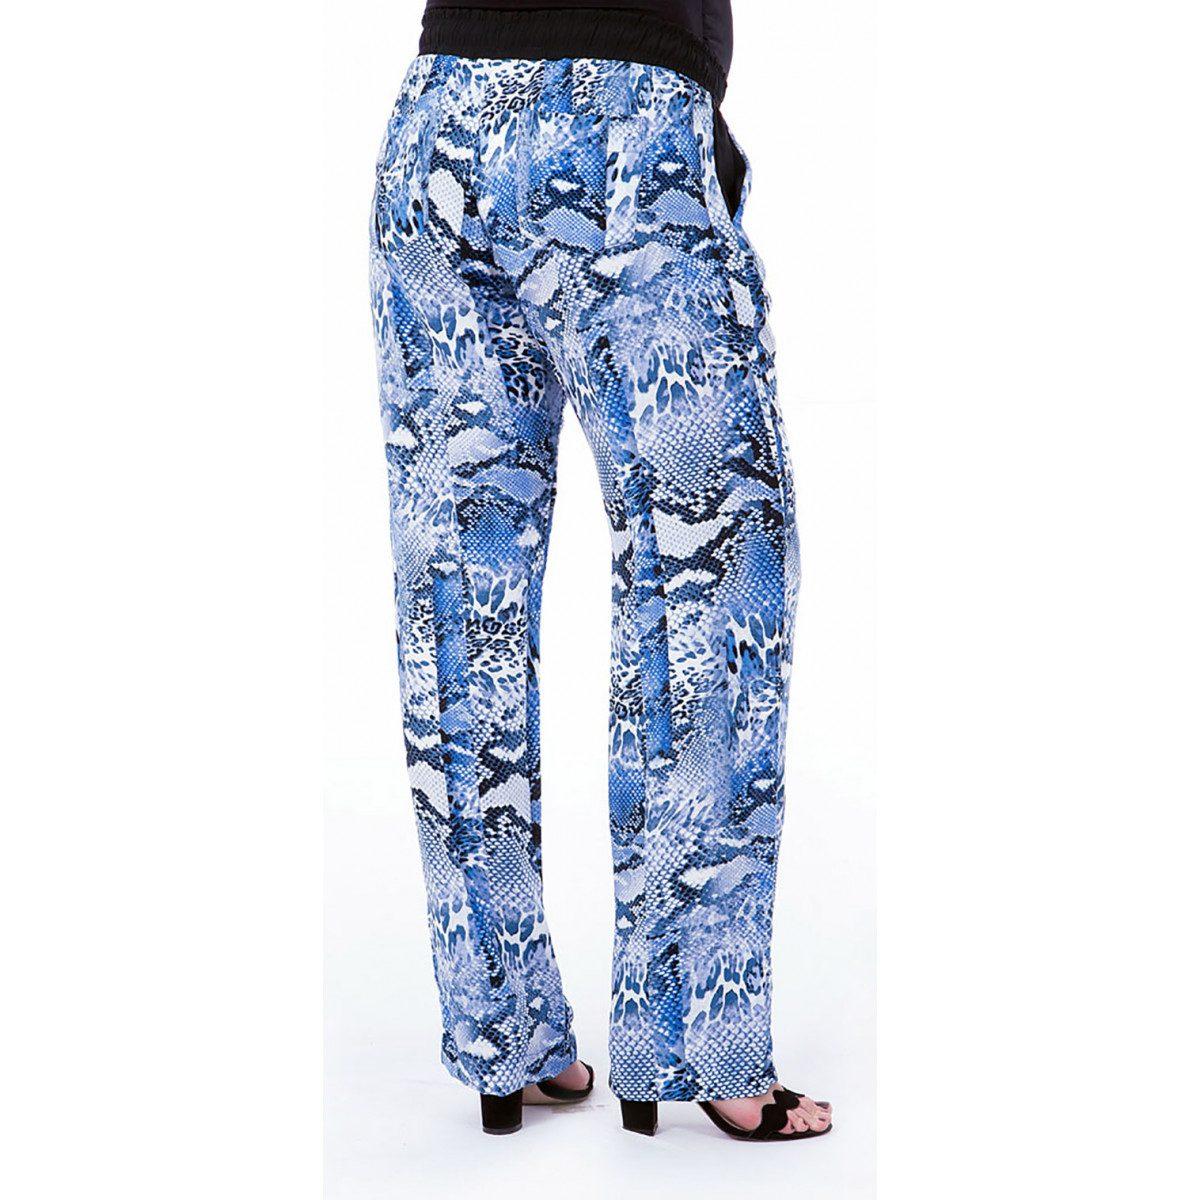 db476aaff calça gestante pijama viscose estampada azul para grávida. Carregando zoom.